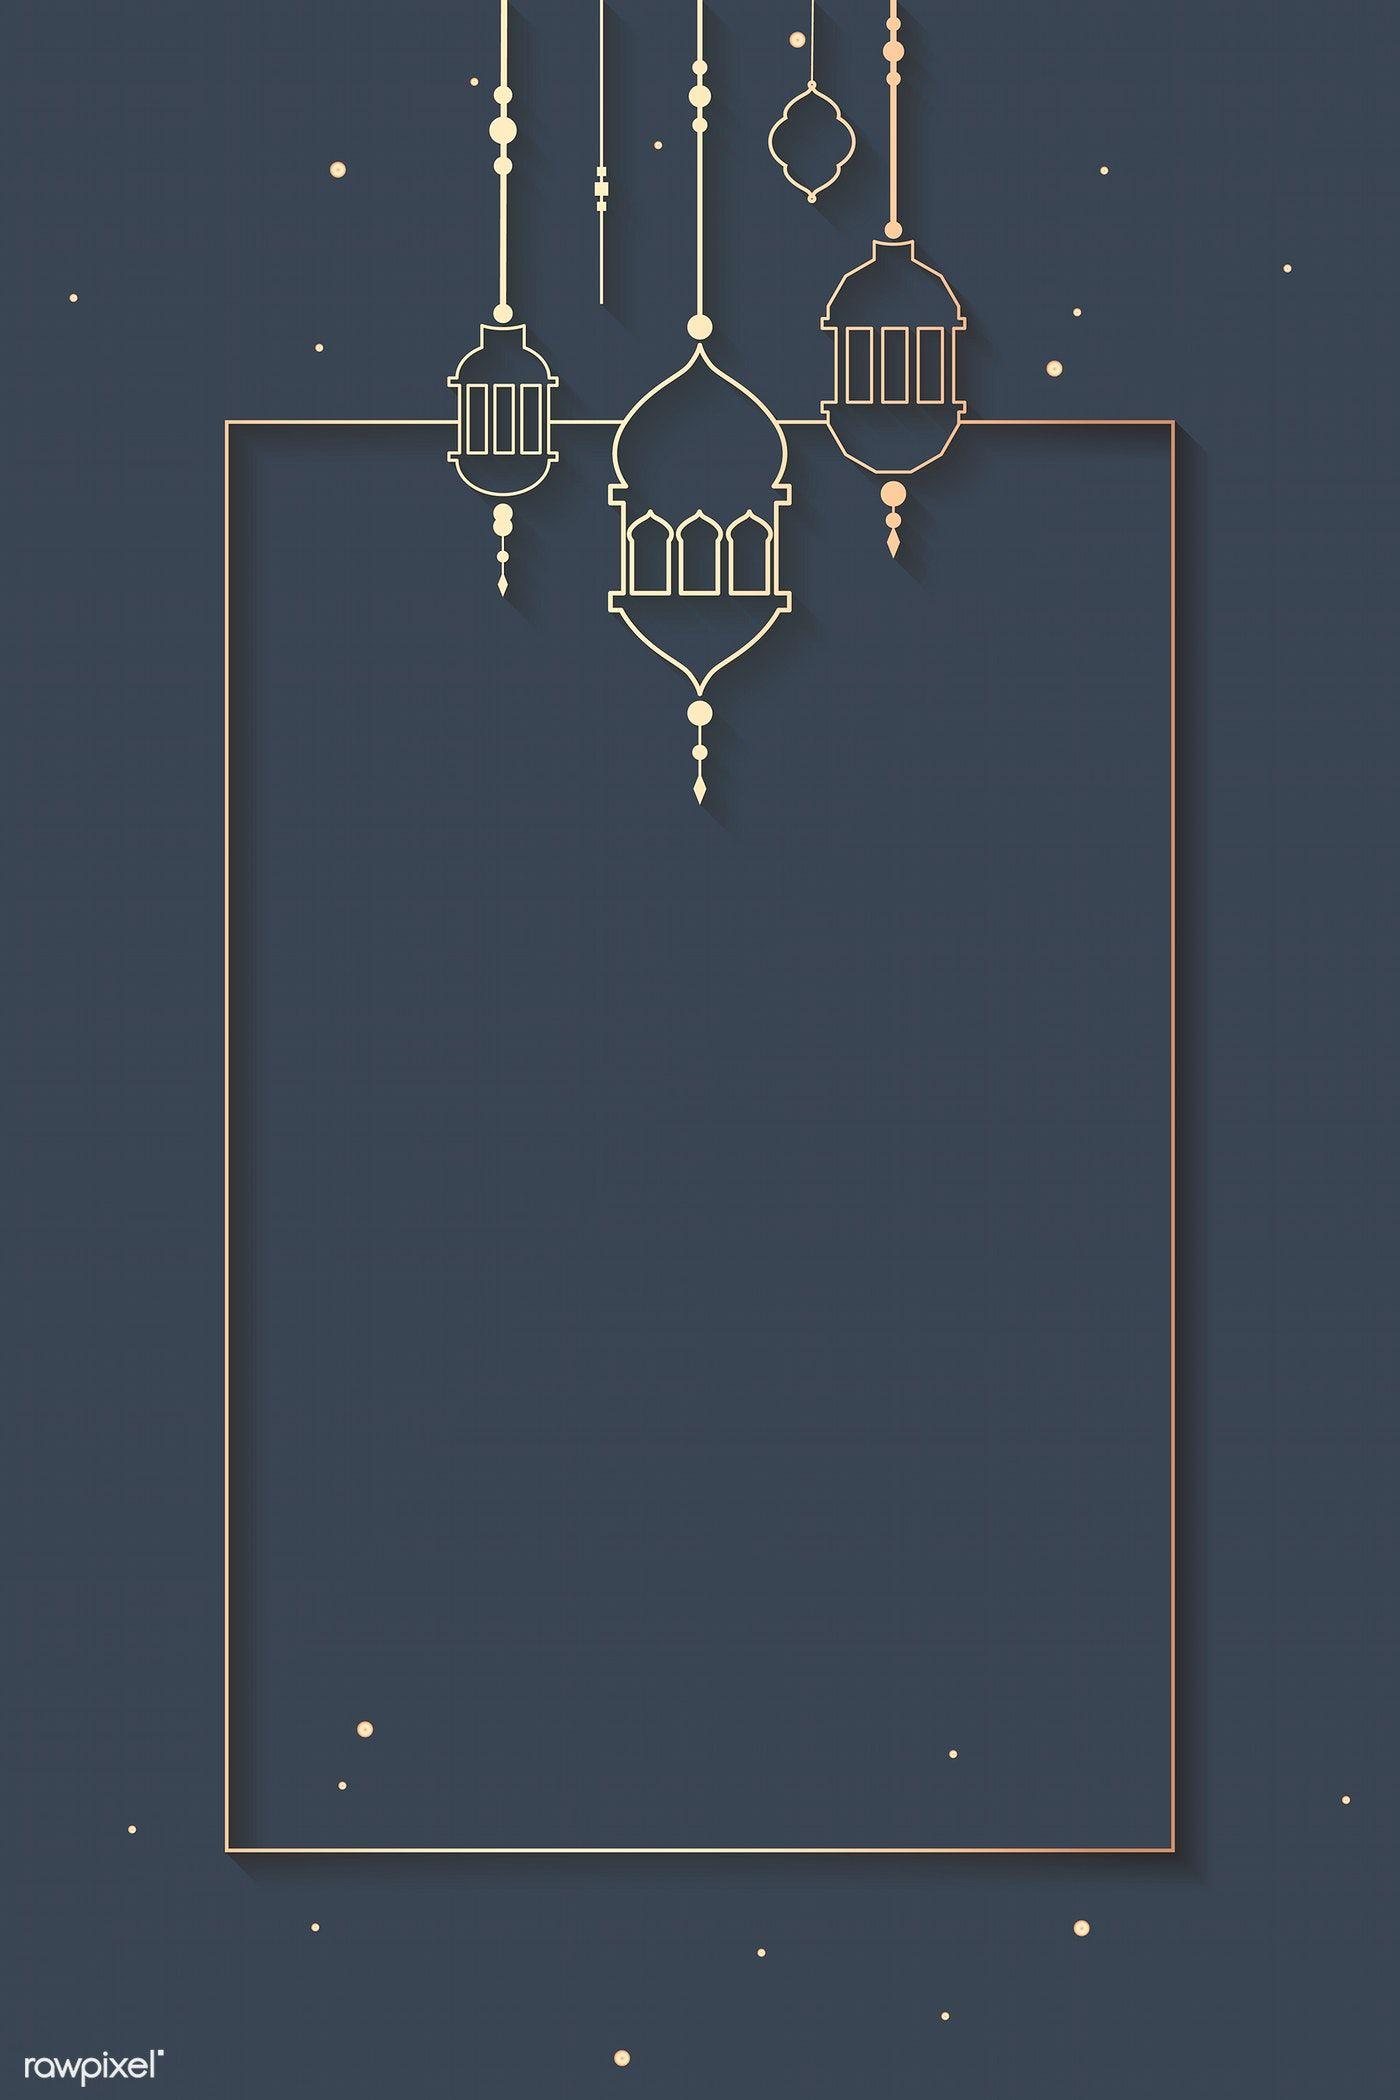 Background Pamflet Ramadhan : background, pamflet, ramadhan, Ramadan, Mubarak, Frame, Lantern, Vector, Image, Rawpixel.com, Katie, Desain, Pamflet,, Desain,, Banner